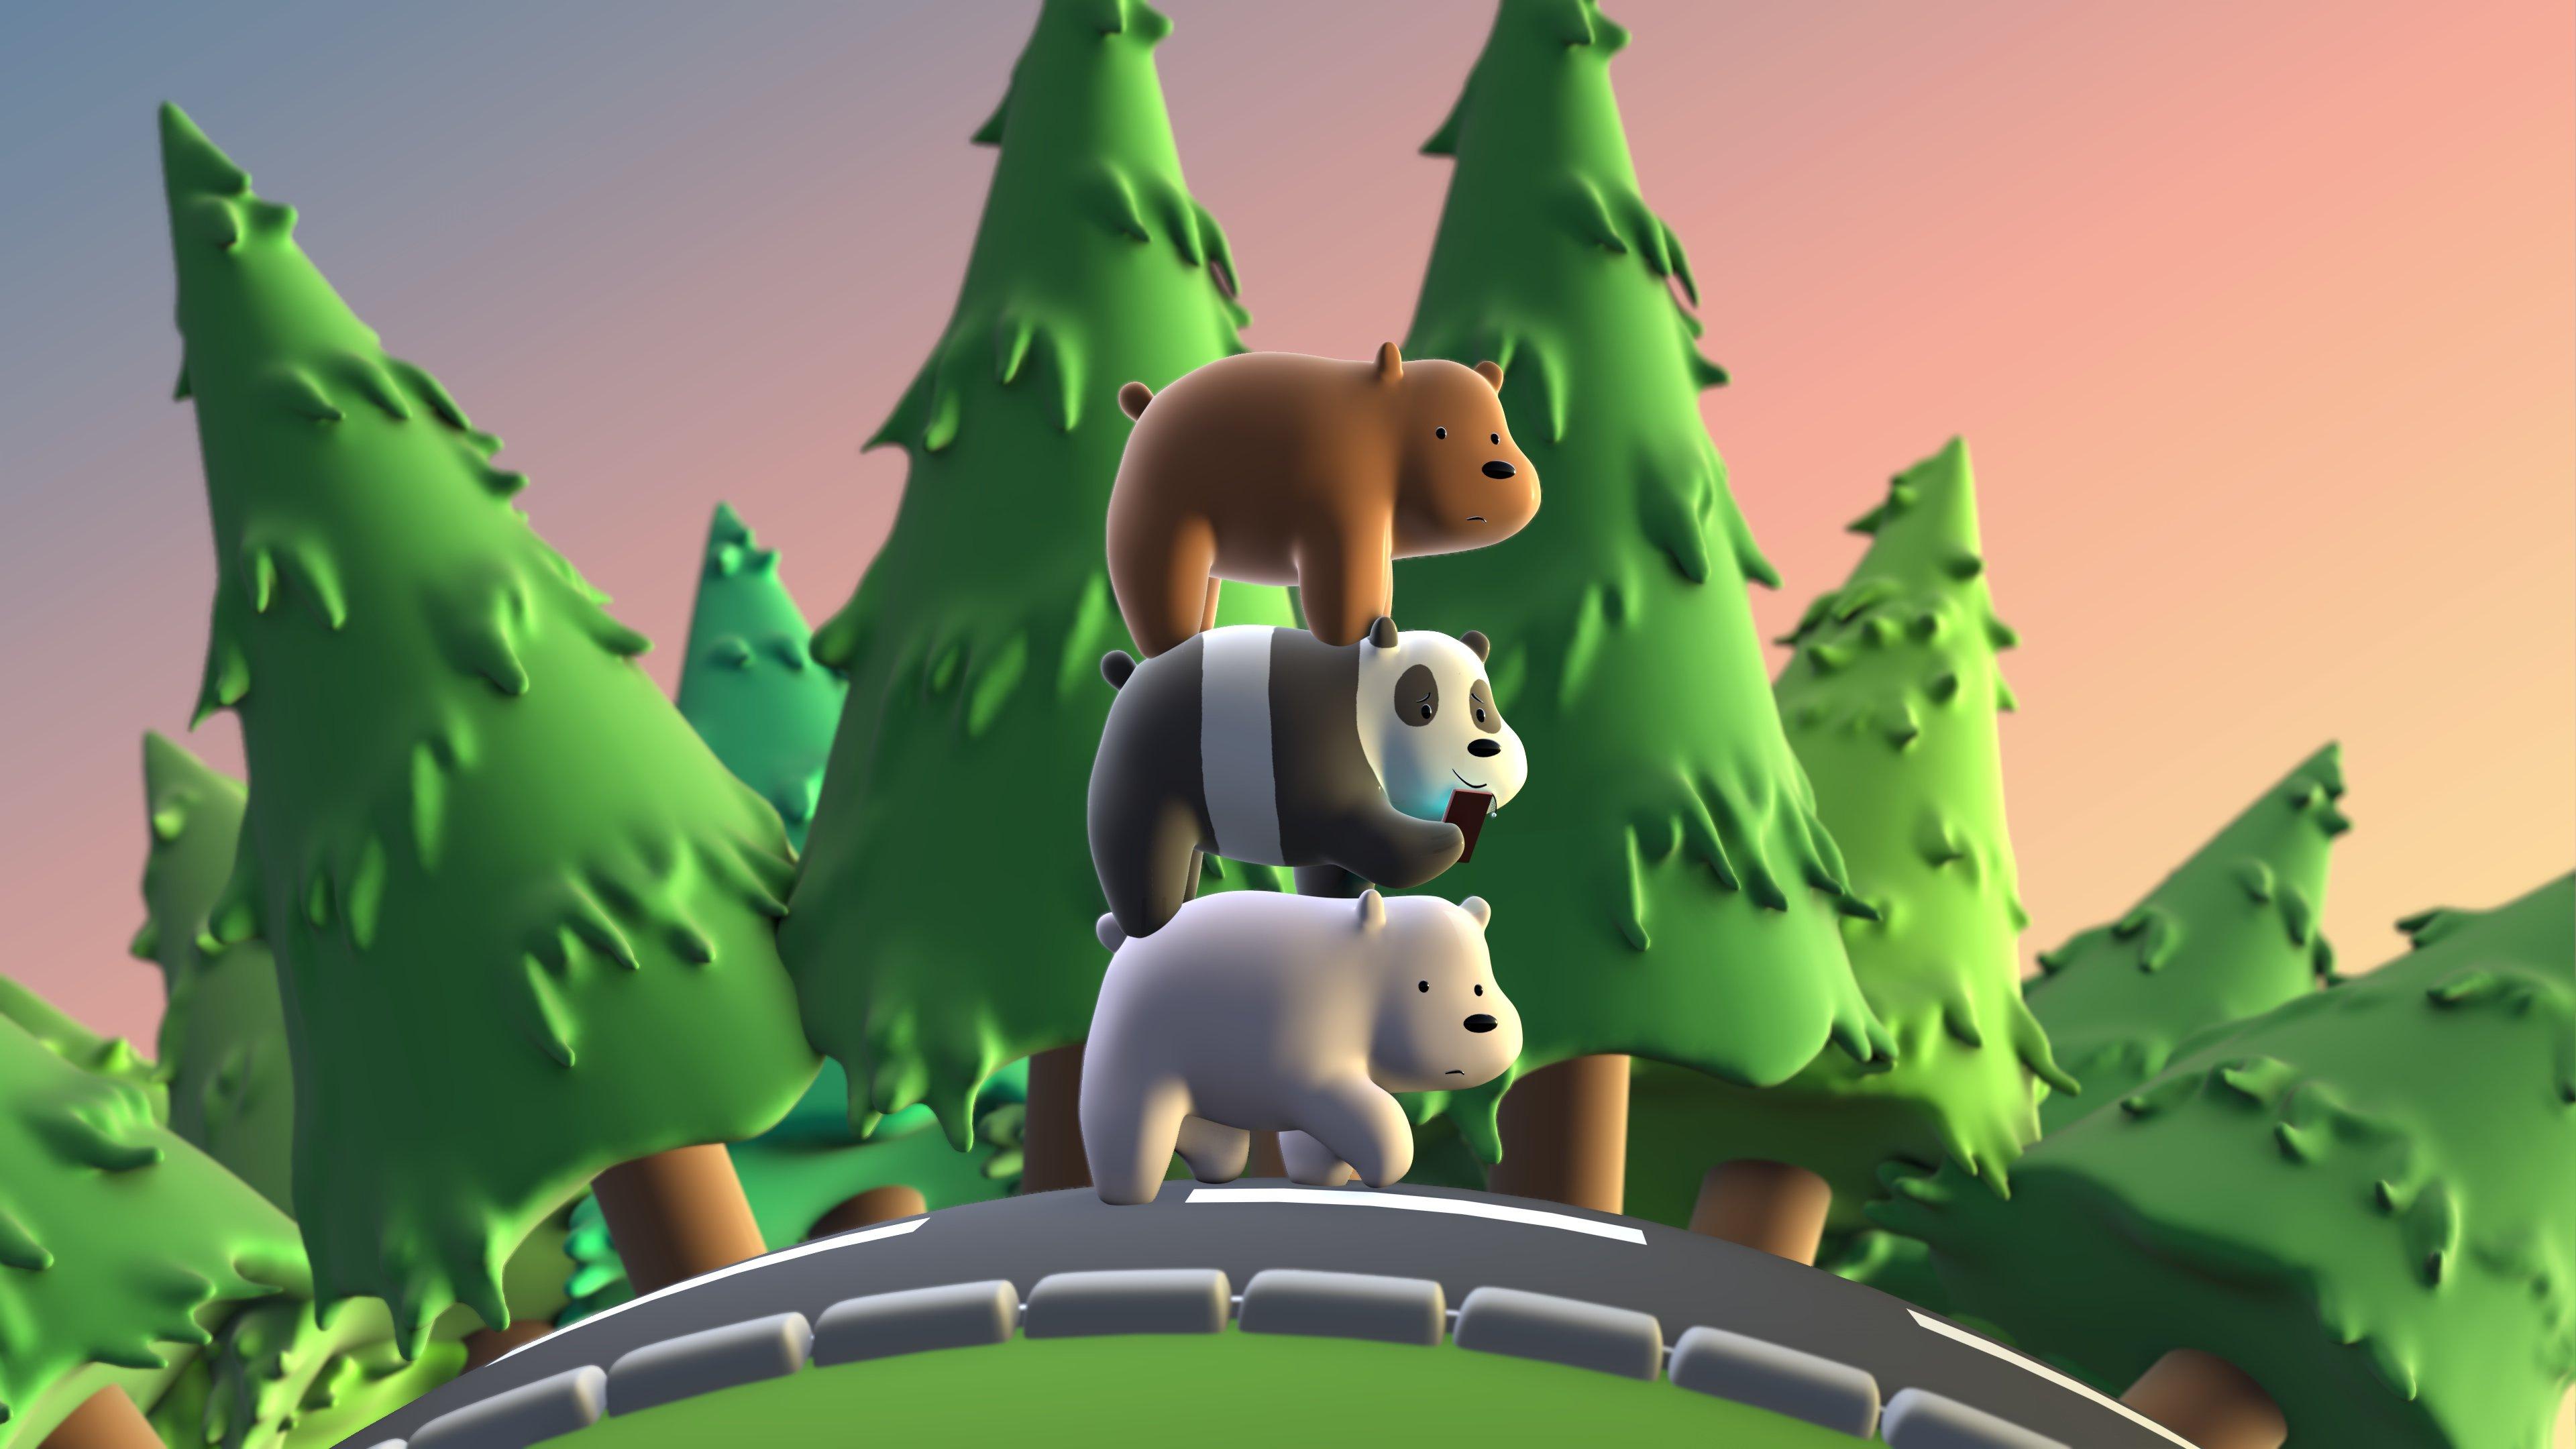 Fondos de pantalla 3D Escandalosos, Somos osos